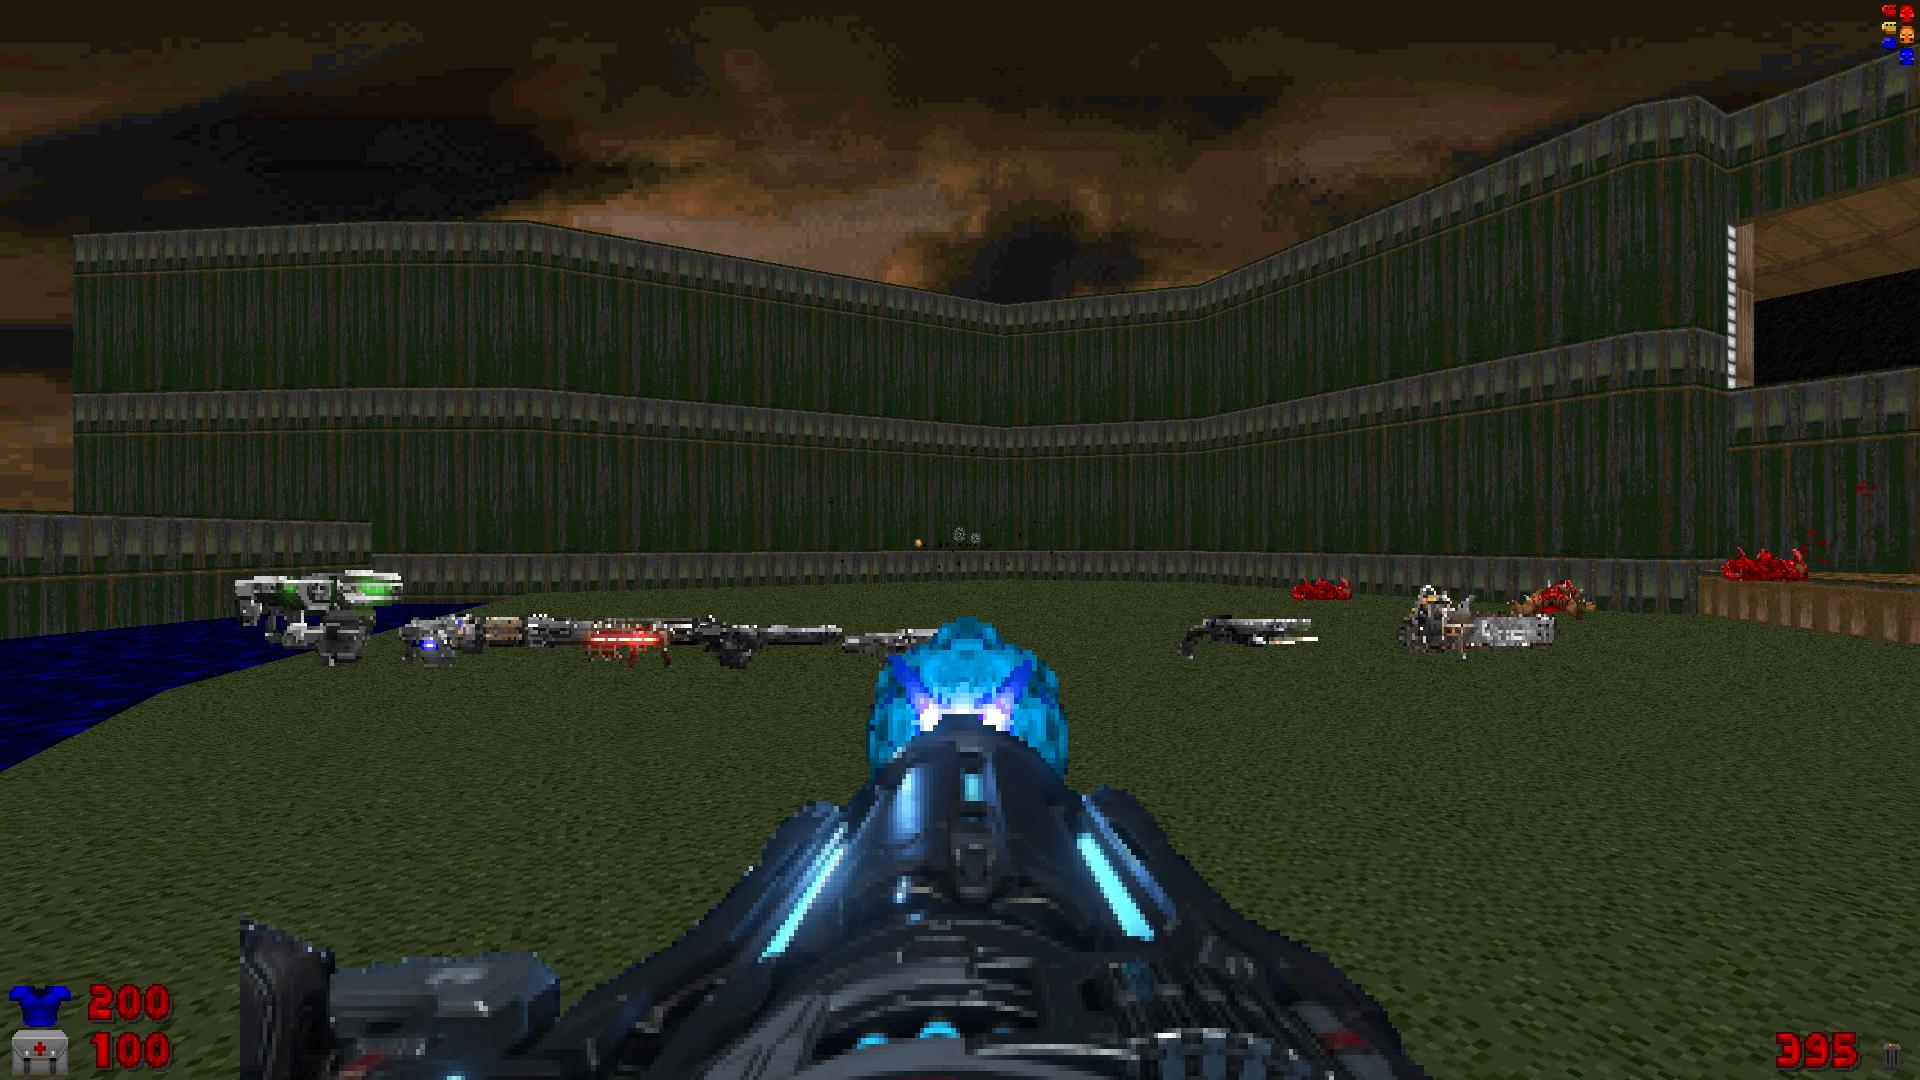 Screenshot_Doom_20200409_180536.png.611c5d127a8062c2bb5d67274667c1d2.png